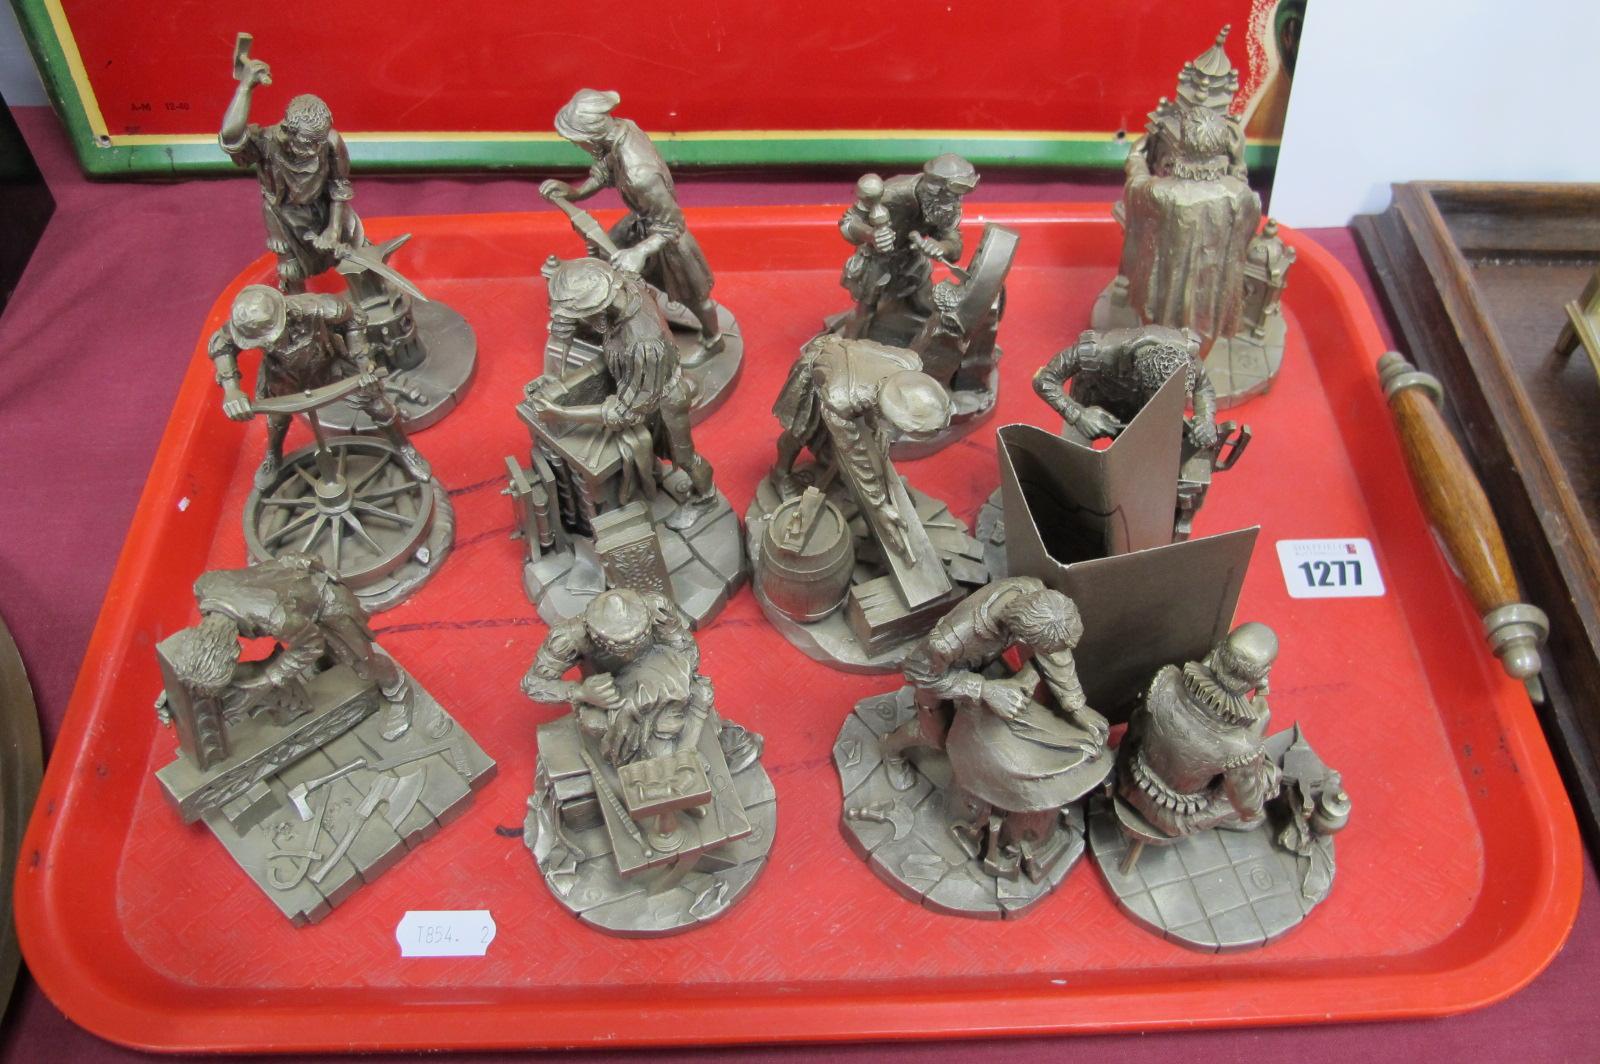 Franklin Mint Metal Craftsmen Figures 1977-79, including Anvil Worker, 12.5cm high, Bookbinder, 11.